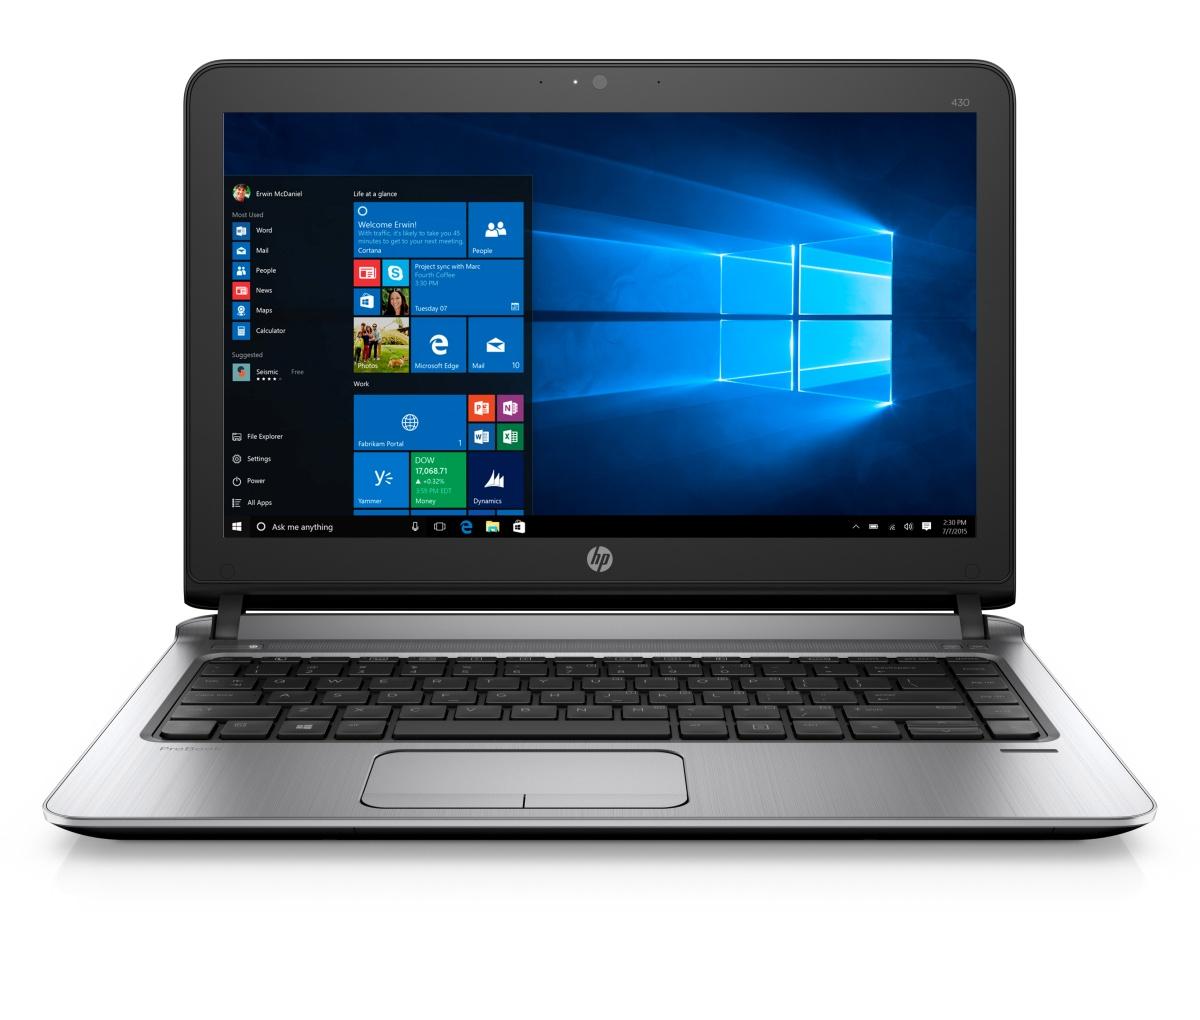 HP ProBook 430 G4 FHD/i5-7200U/8GB/256SSD/W10P+Off